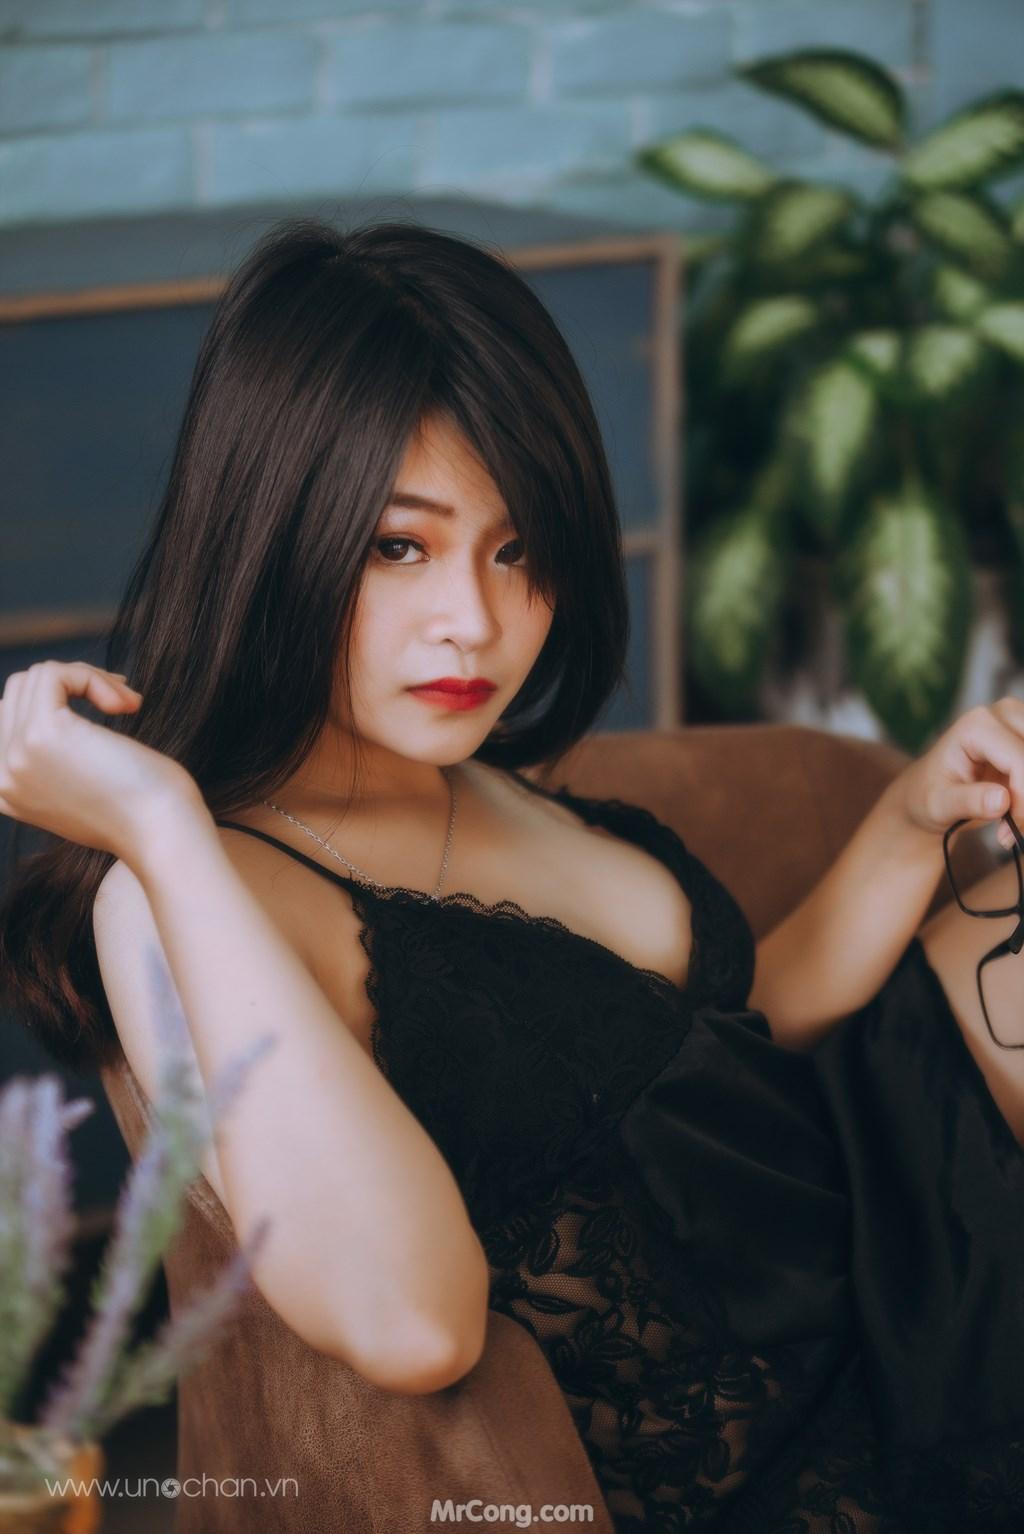 Image Vietnamese-Girls-by-Chan-Hong-Vuong-Uno-Chan-MrCong.com-003 in post Gái Việt duyên dáng, quyến rũ qua góc chụp của Chan Hong Vuong (250 ảnh)